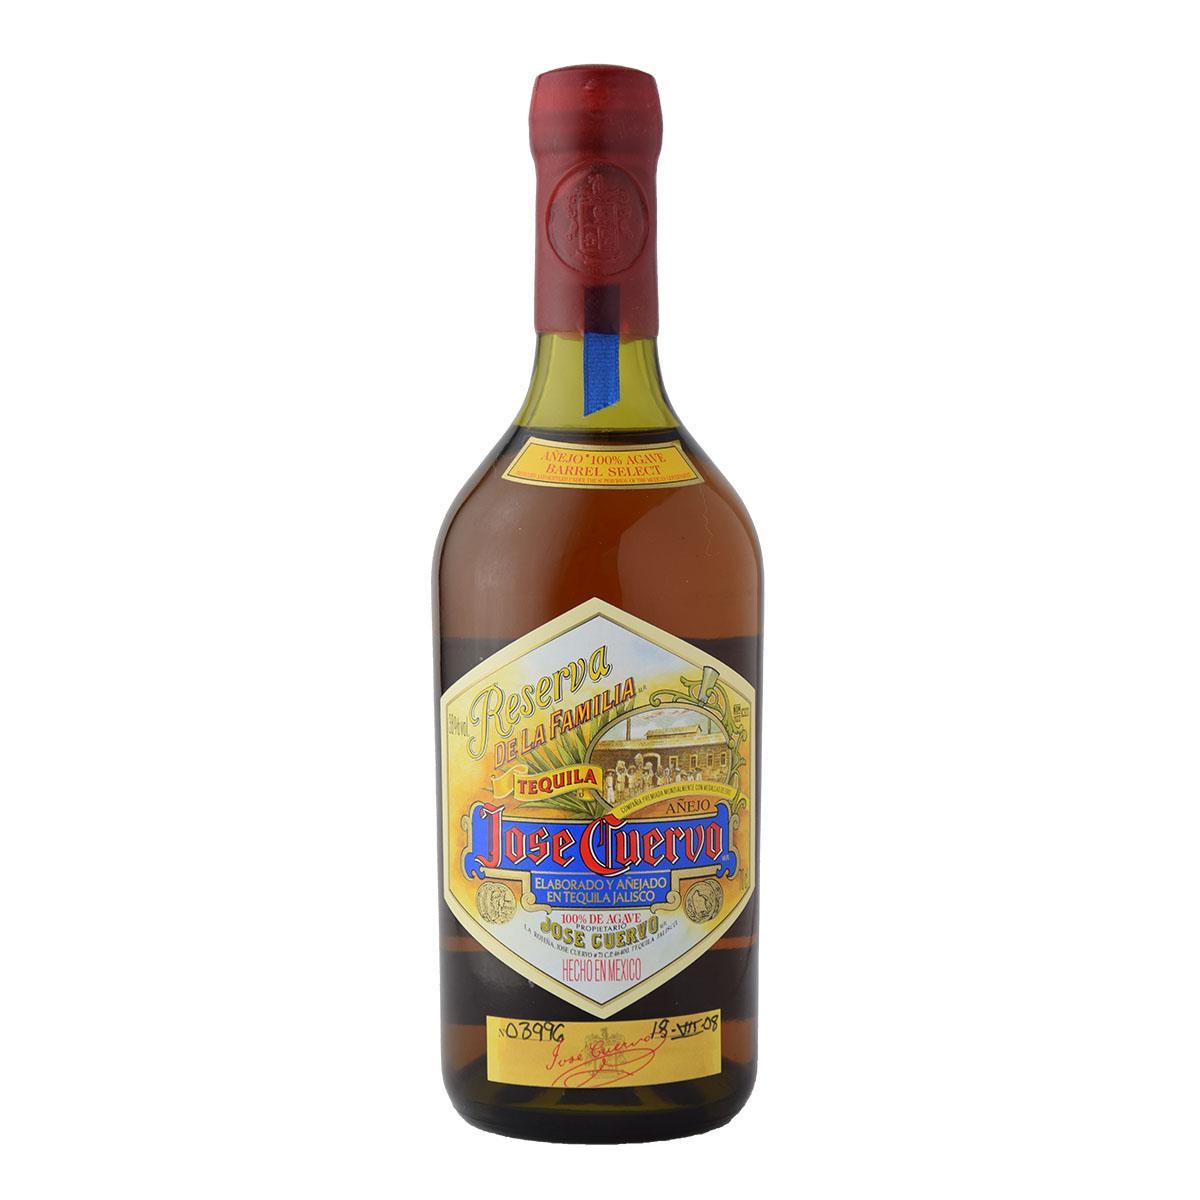 Jose Cuervo Reserva De La Familia Anejo Tequila 700ml